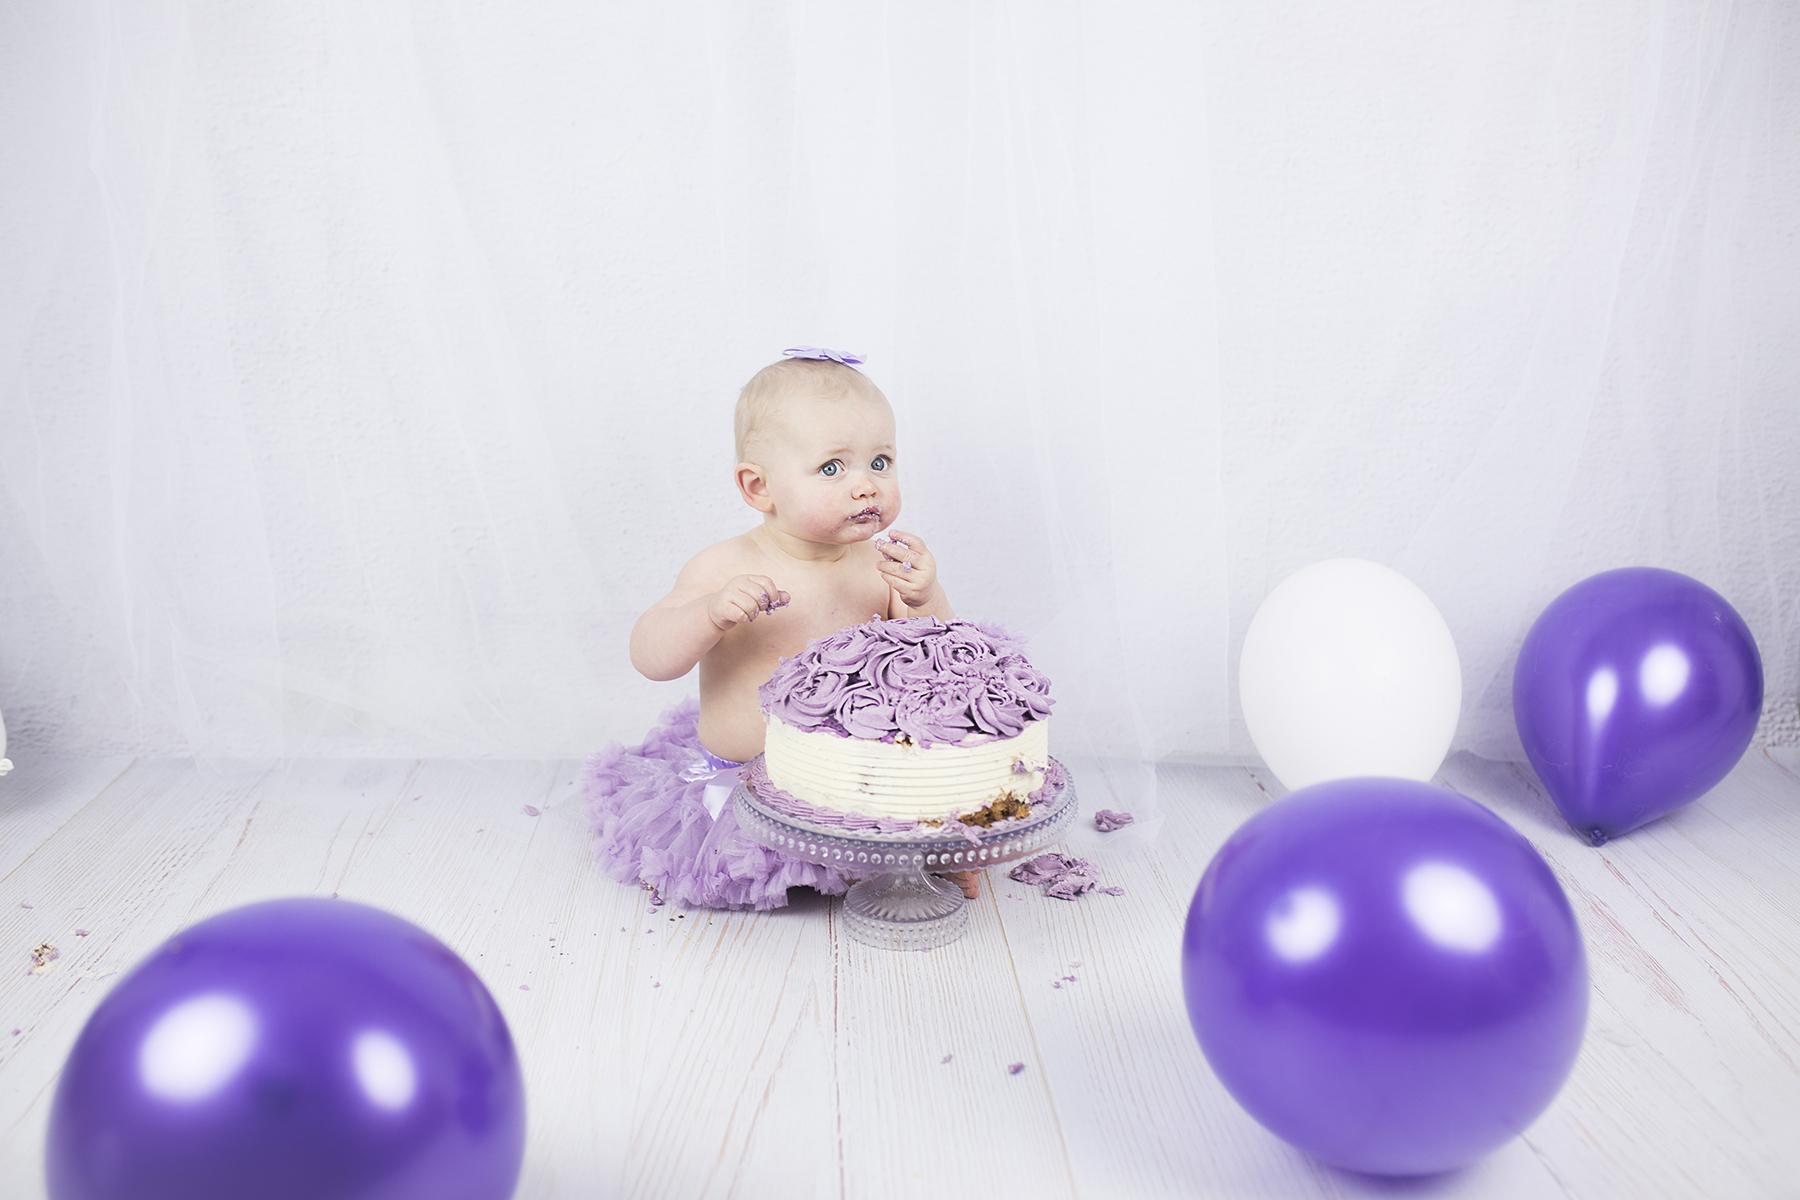 Smash_the_cake_fotografering_1-års fotografering_barnfotografering_göteborg_öcerkö_hönö_västsverige_västkusten_premina_photography_fotograf_emma_ludvigsson9A63949A1963 (kopia)